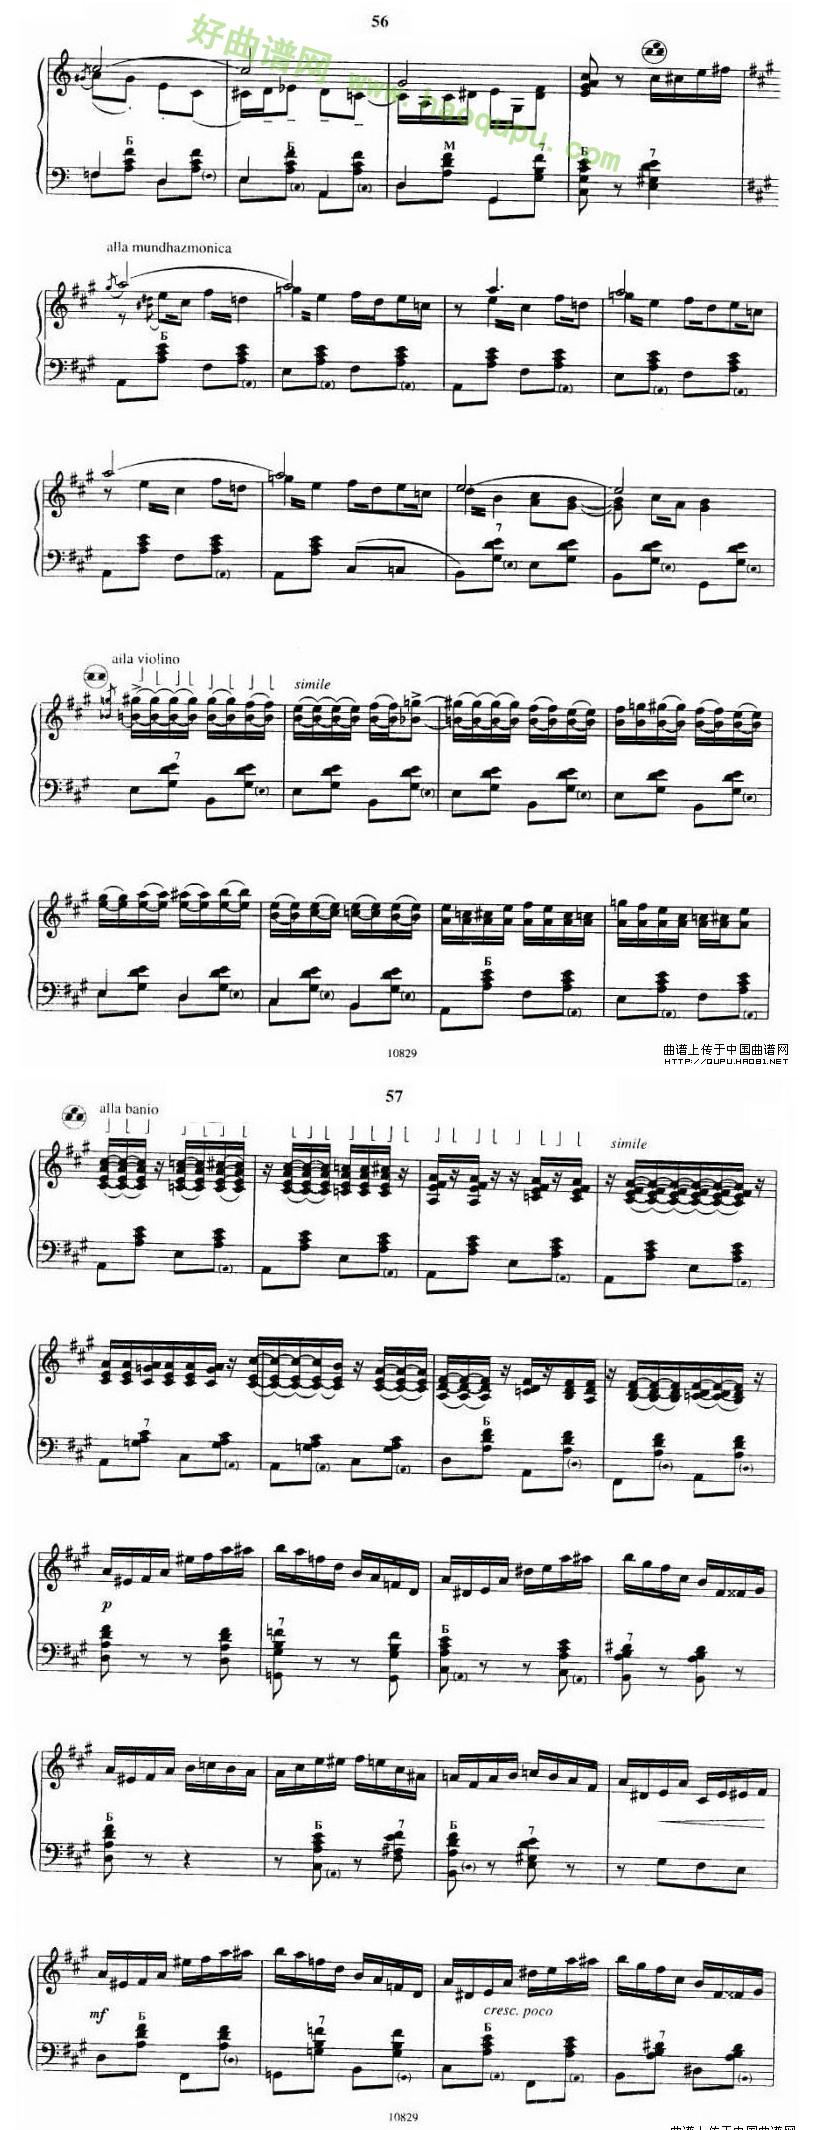 《杰克牛仔》手风琴曲谱第3张